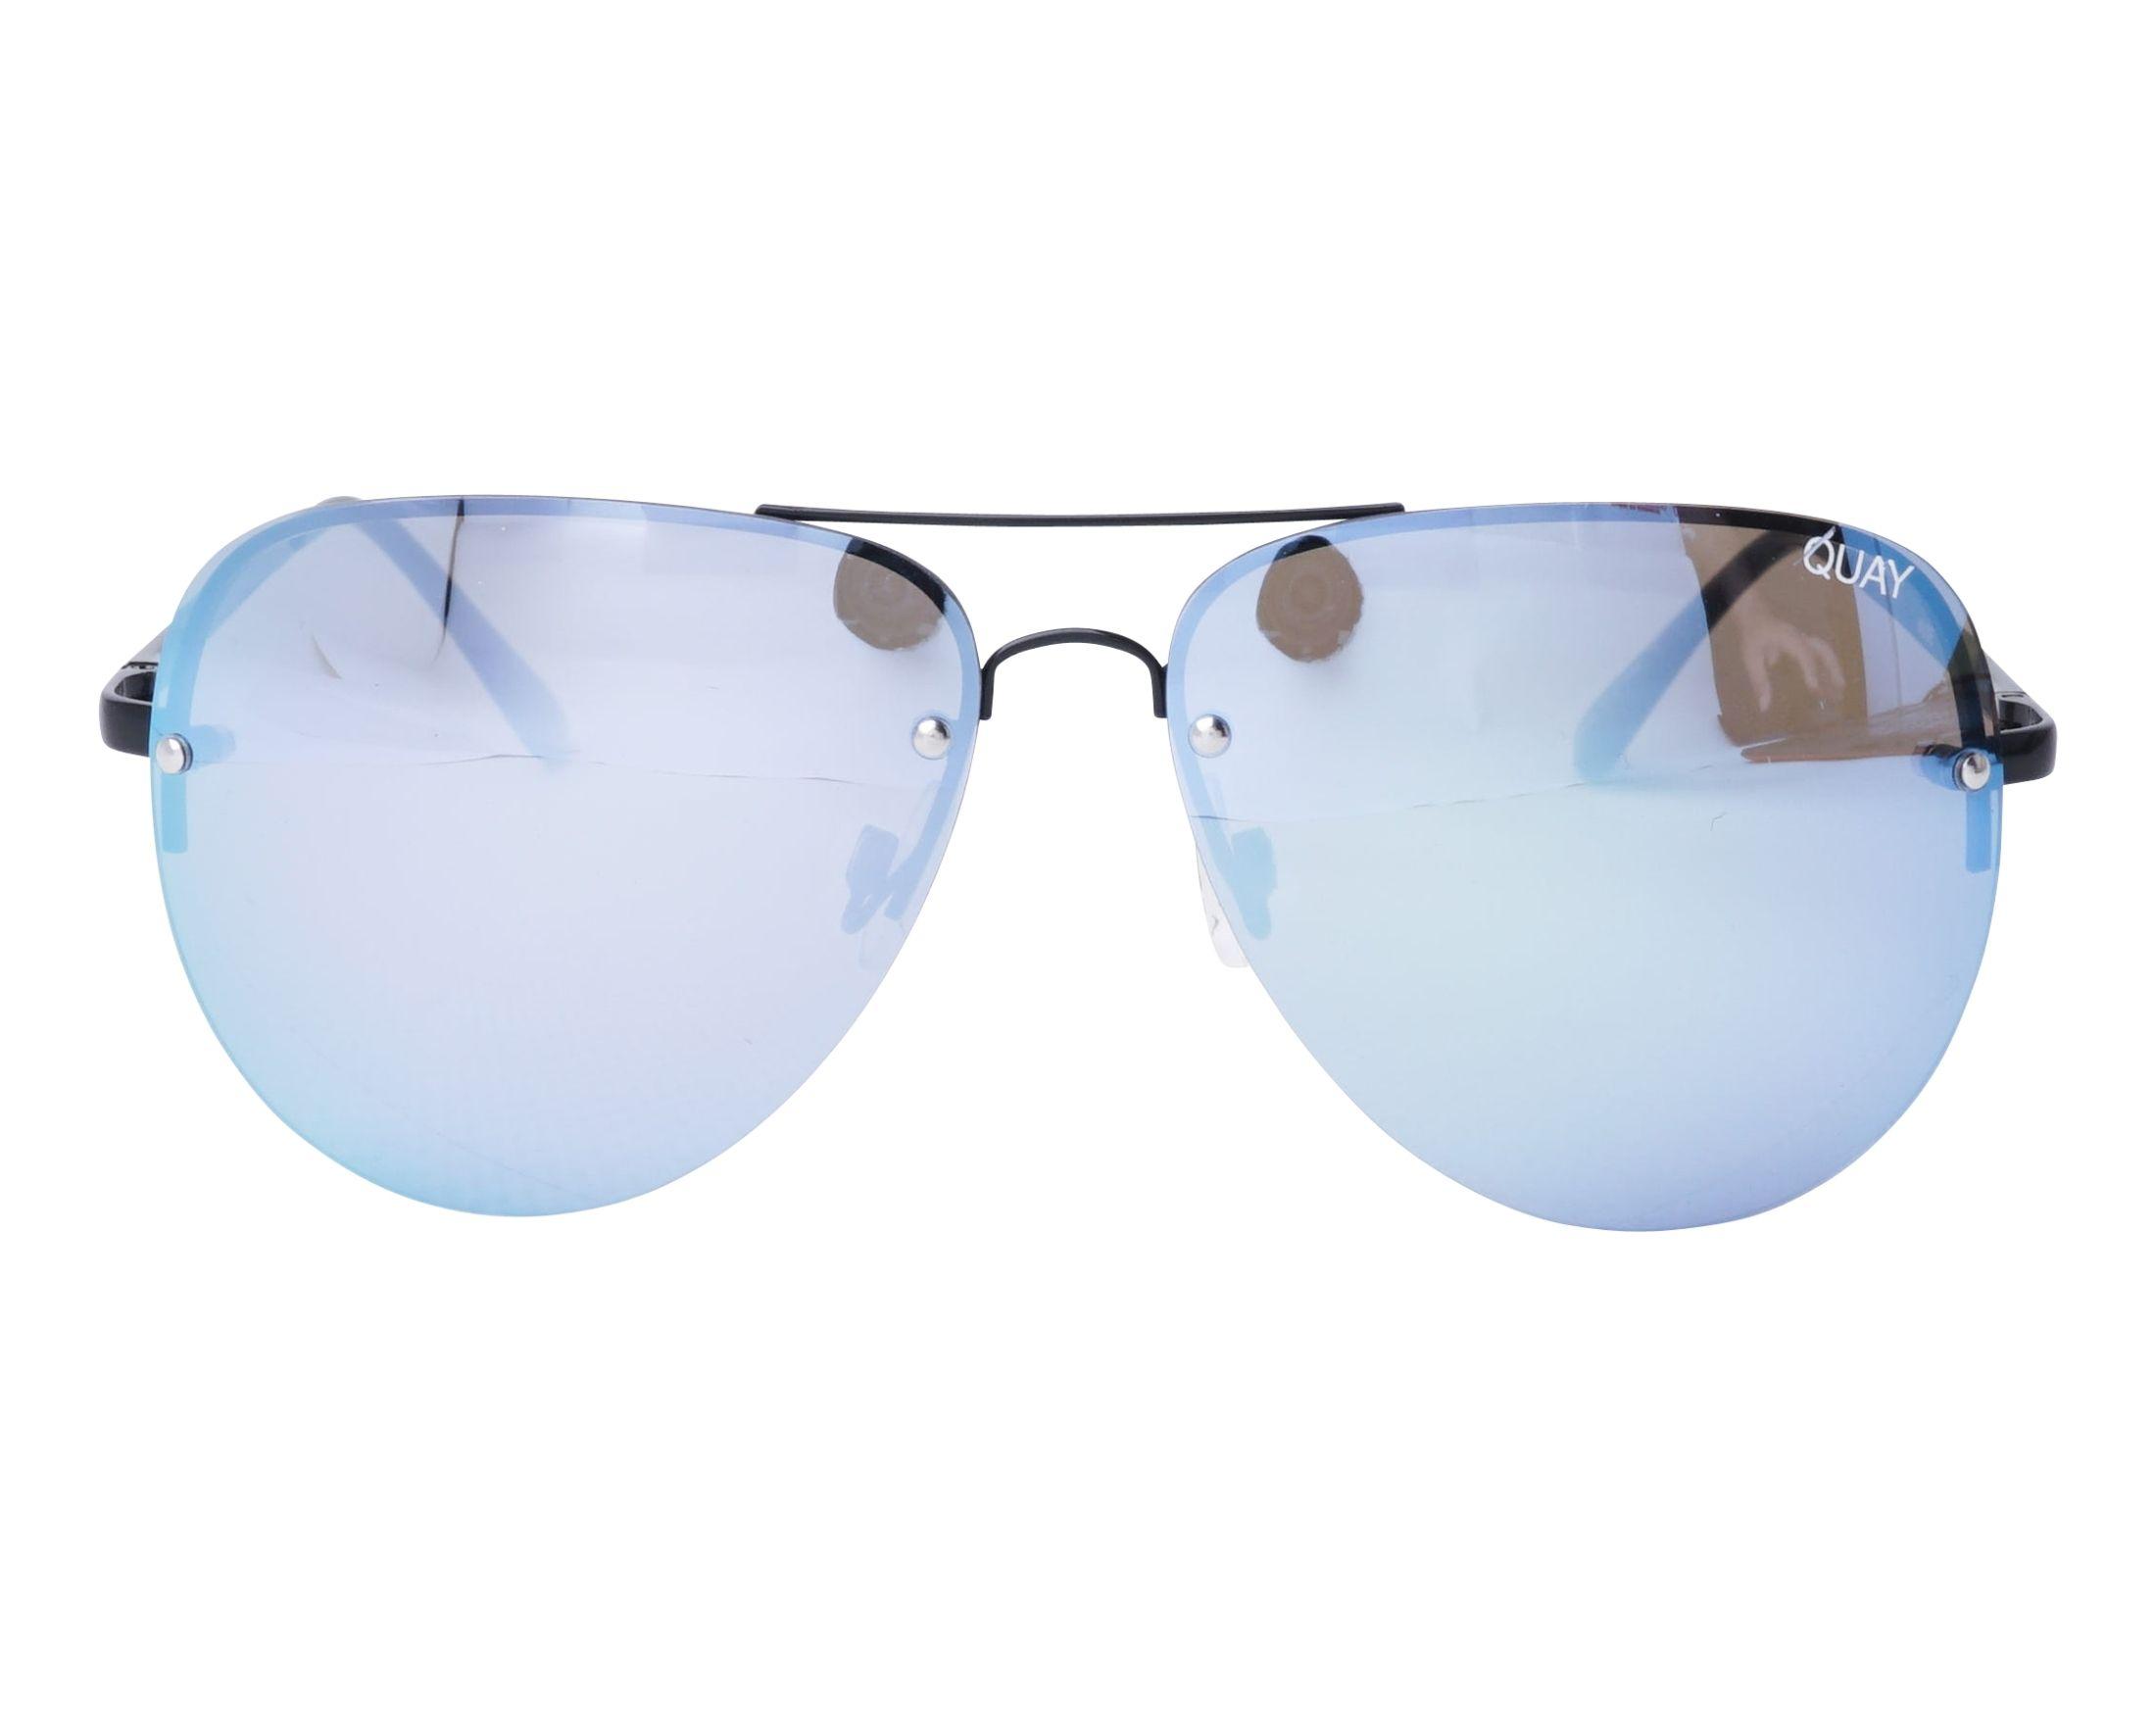 67b3448a3c Gafas de sol Quay Australia QC-000064 BLK-PURP 54-17 Negra vista